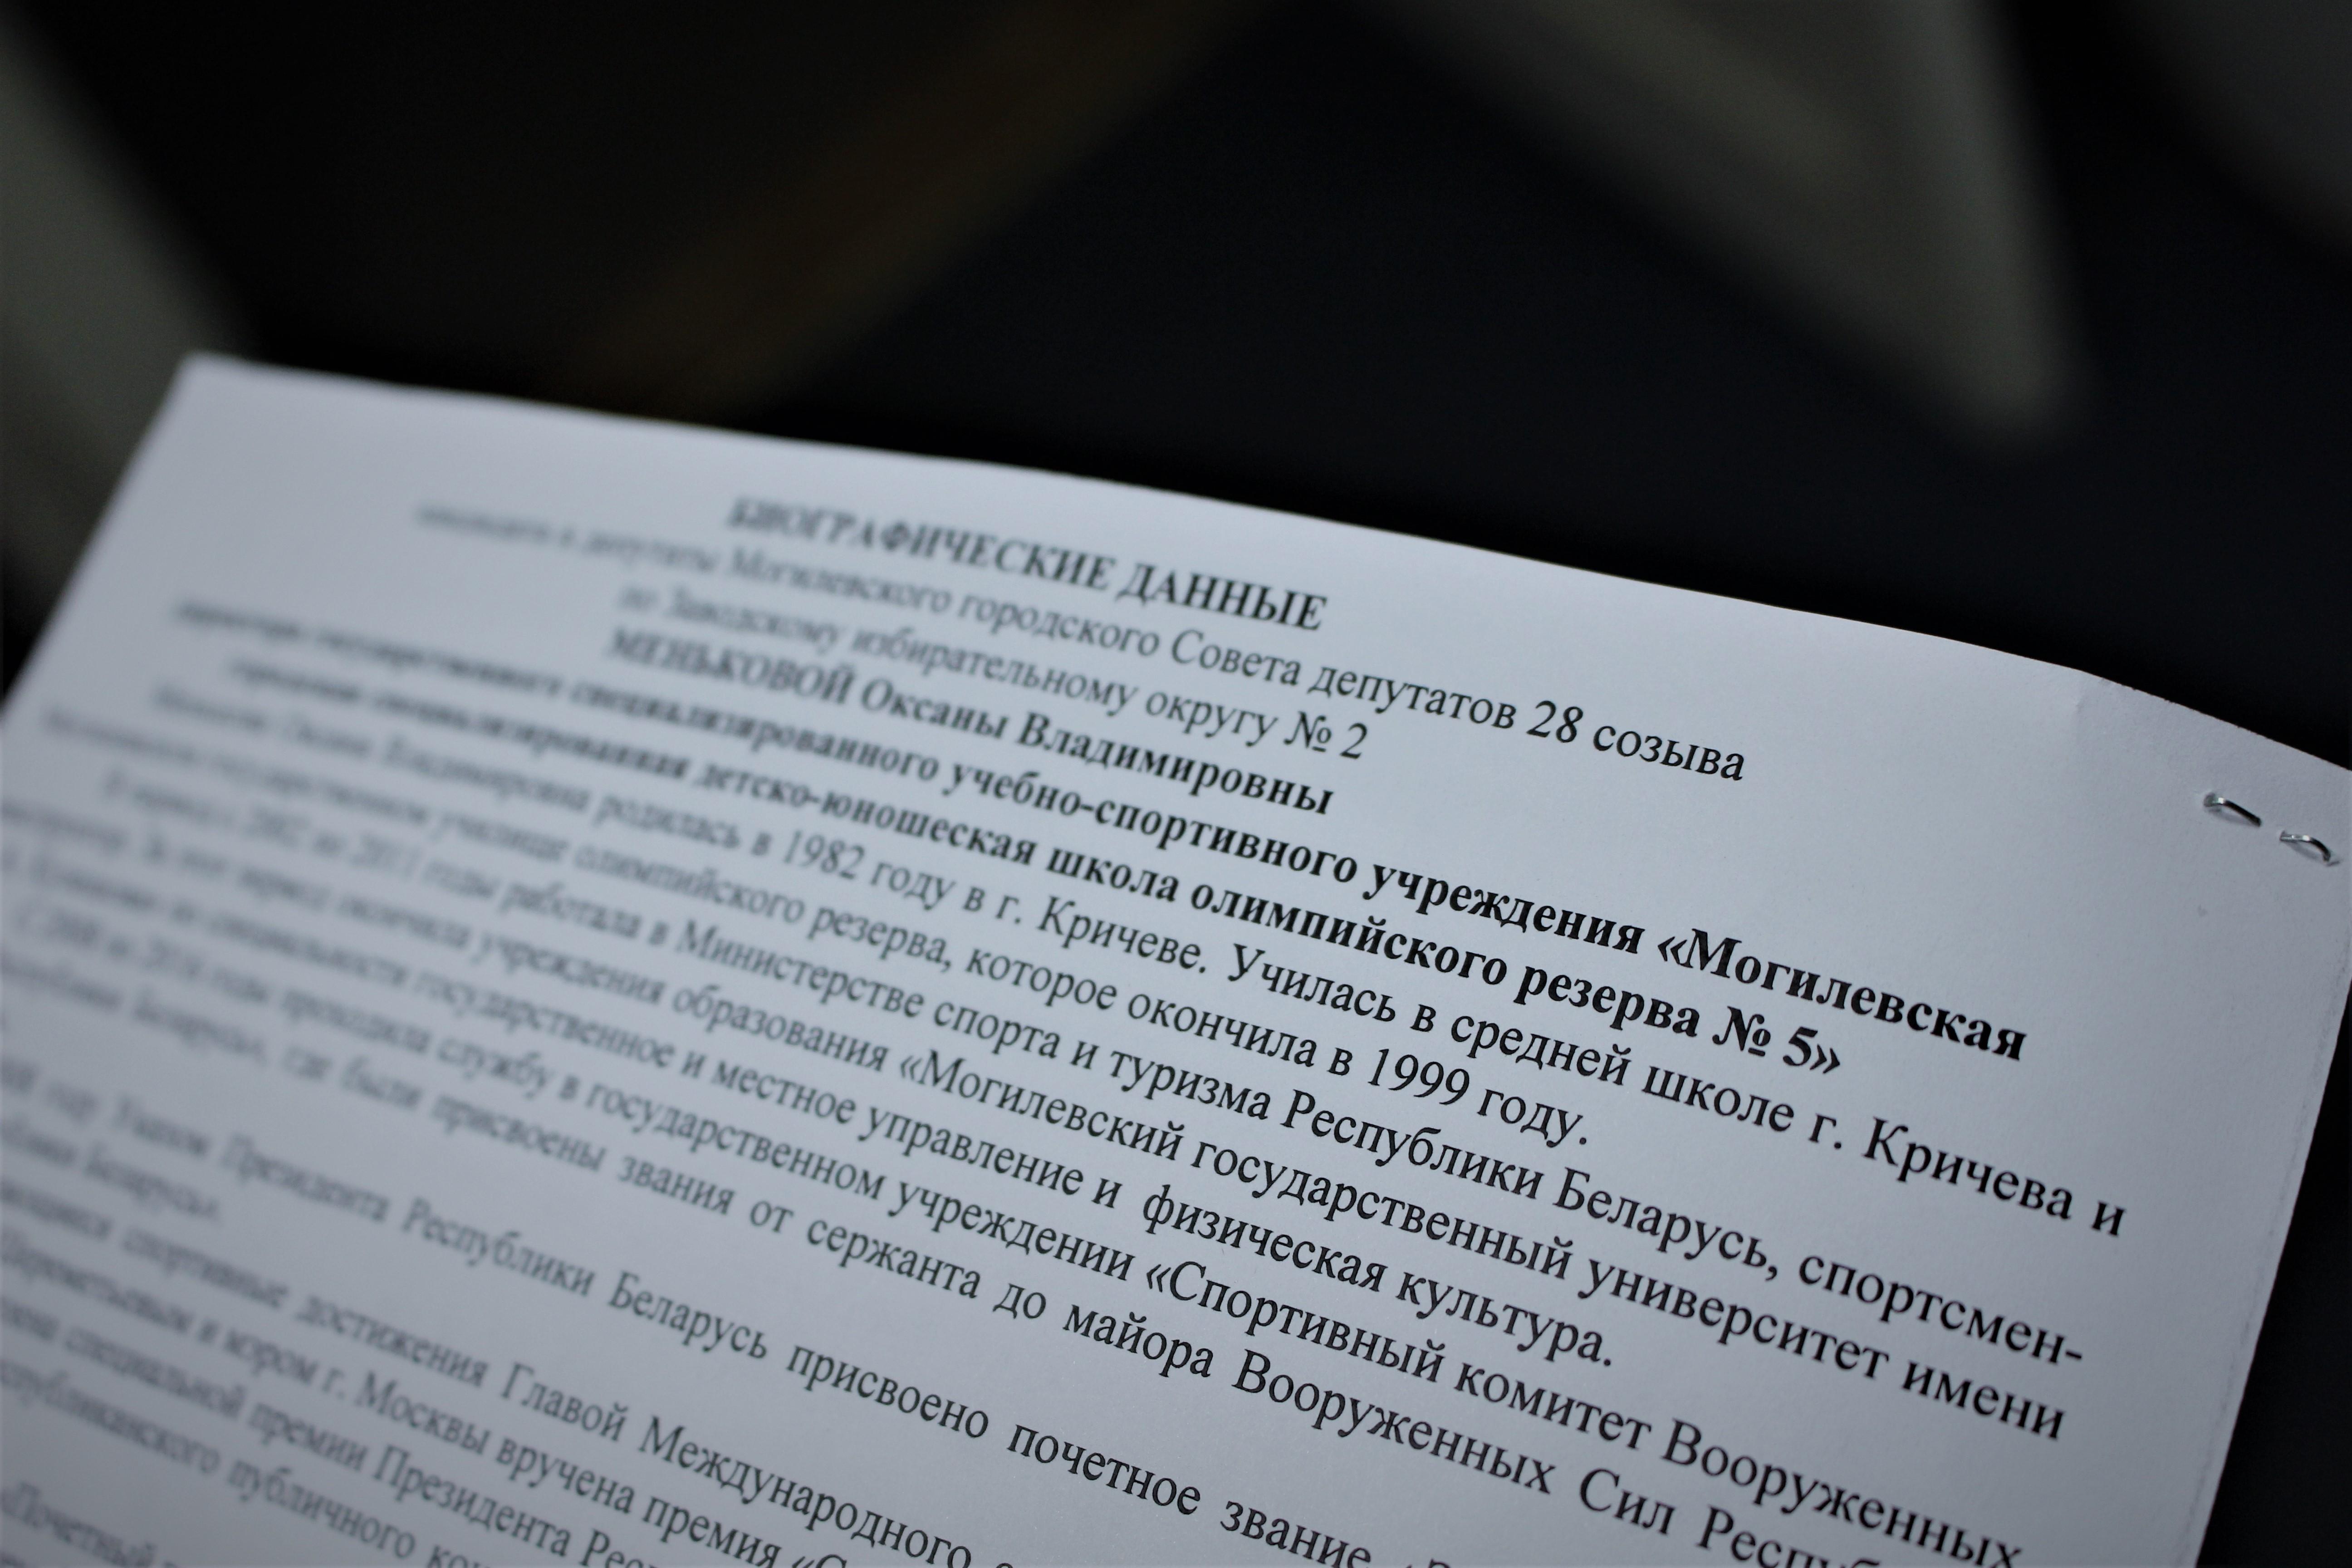 Экс-олимпийская чемпионка Менькова отрицает нарушение Избирательного кодекса